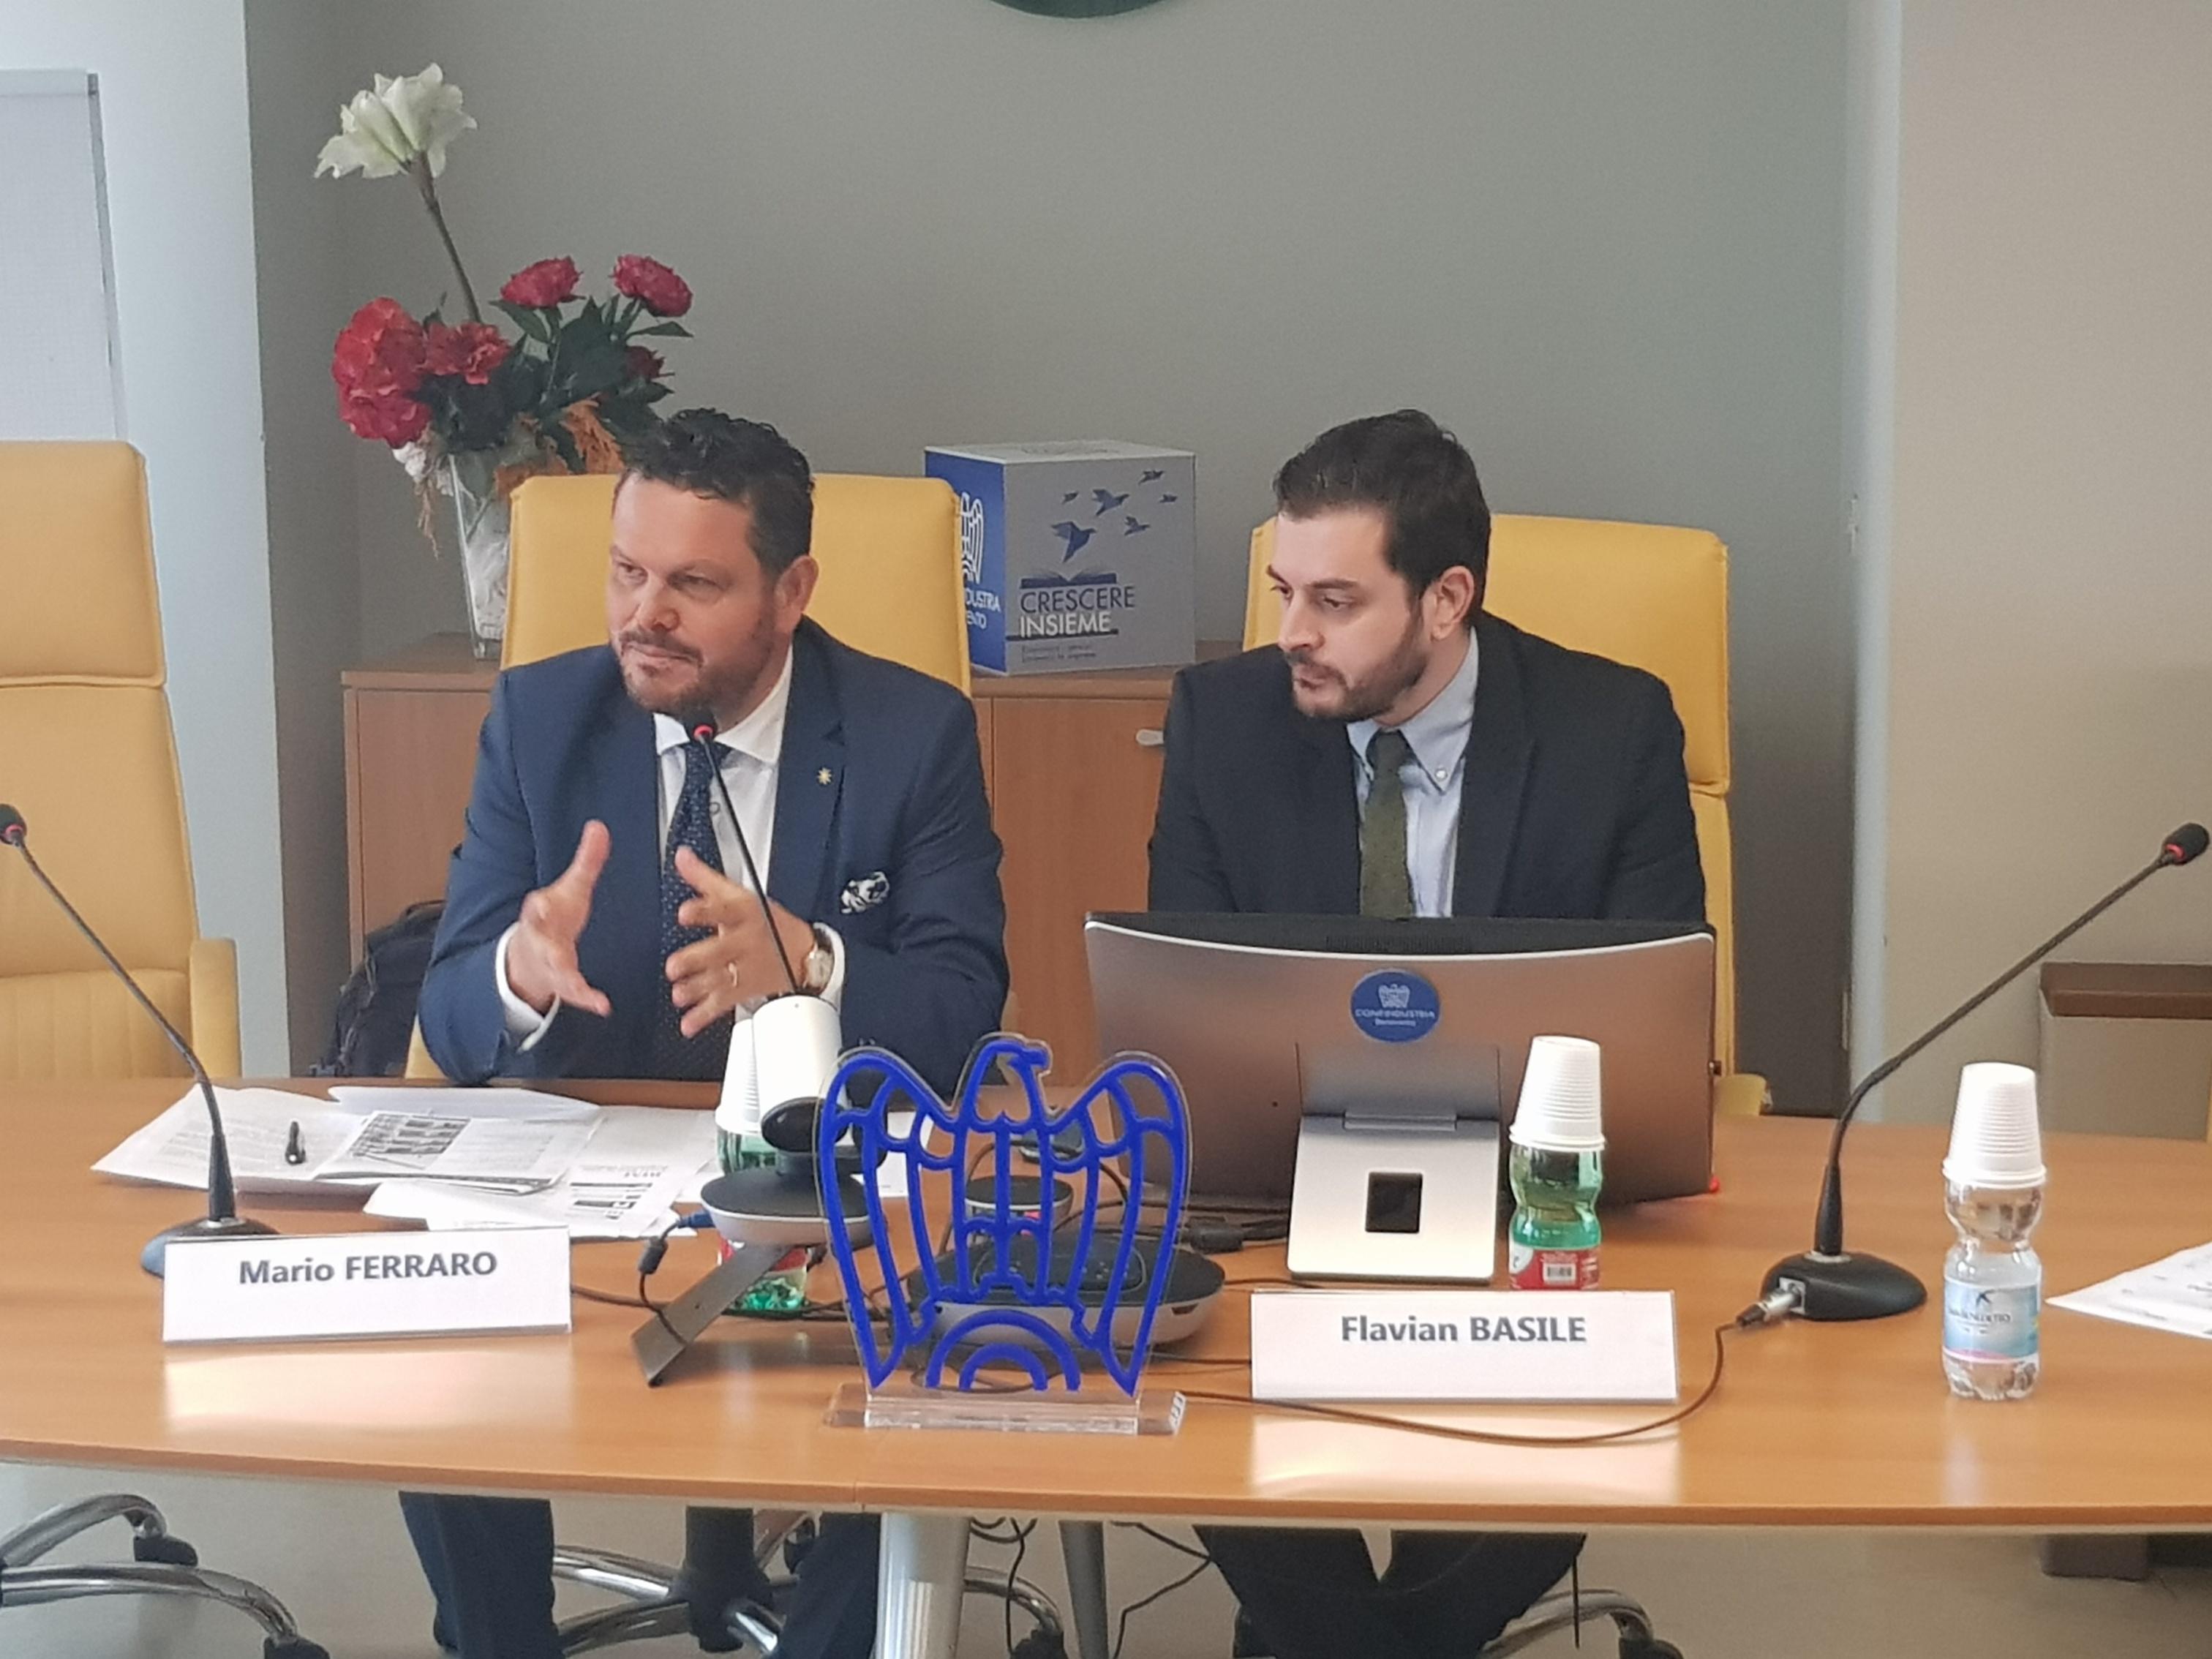 Benevento| Il BIM per innovare un settore tradizionale come quello edile. A Benevento il primo incontro di un ciclo formativo nazionale